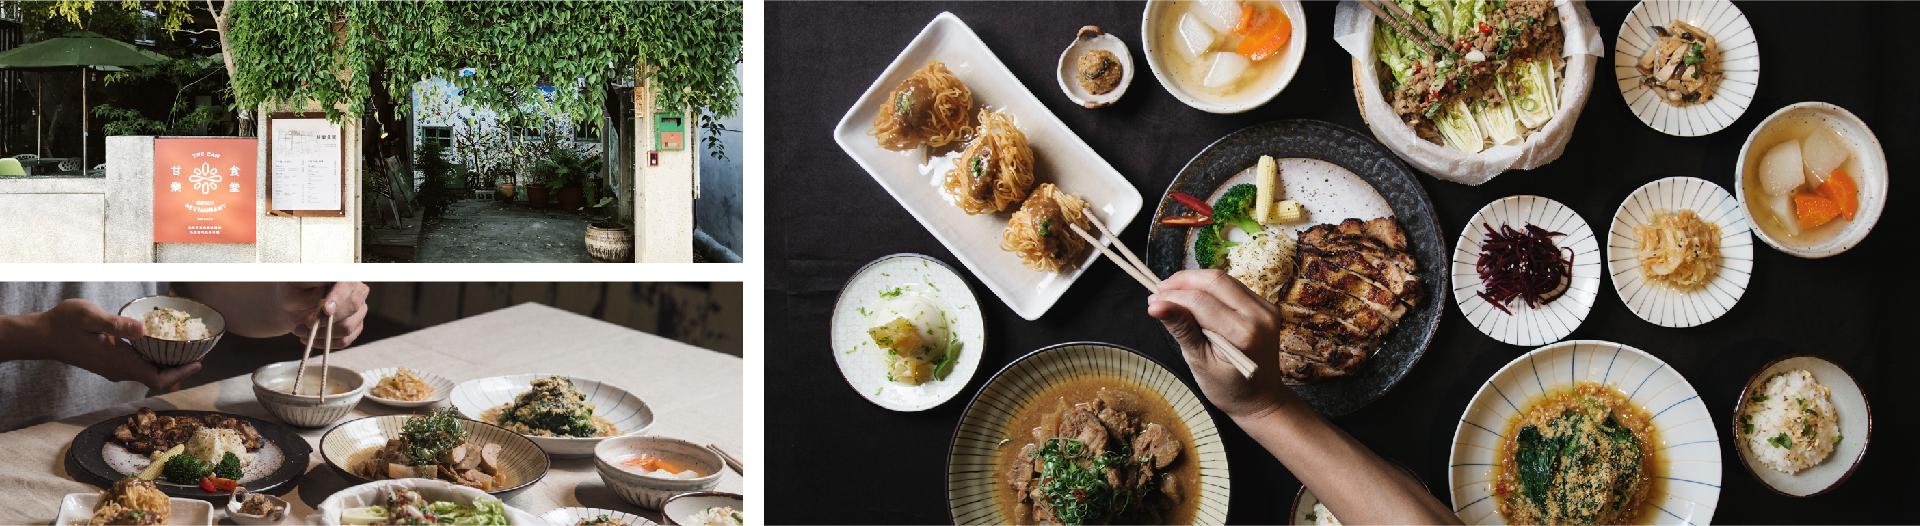 甘樂食堂 古厝裡的美好時光 手工豆腐與釀酵物為底蘊的大地料理 | 甘樂文創 | 甘之如飴,樂在其中